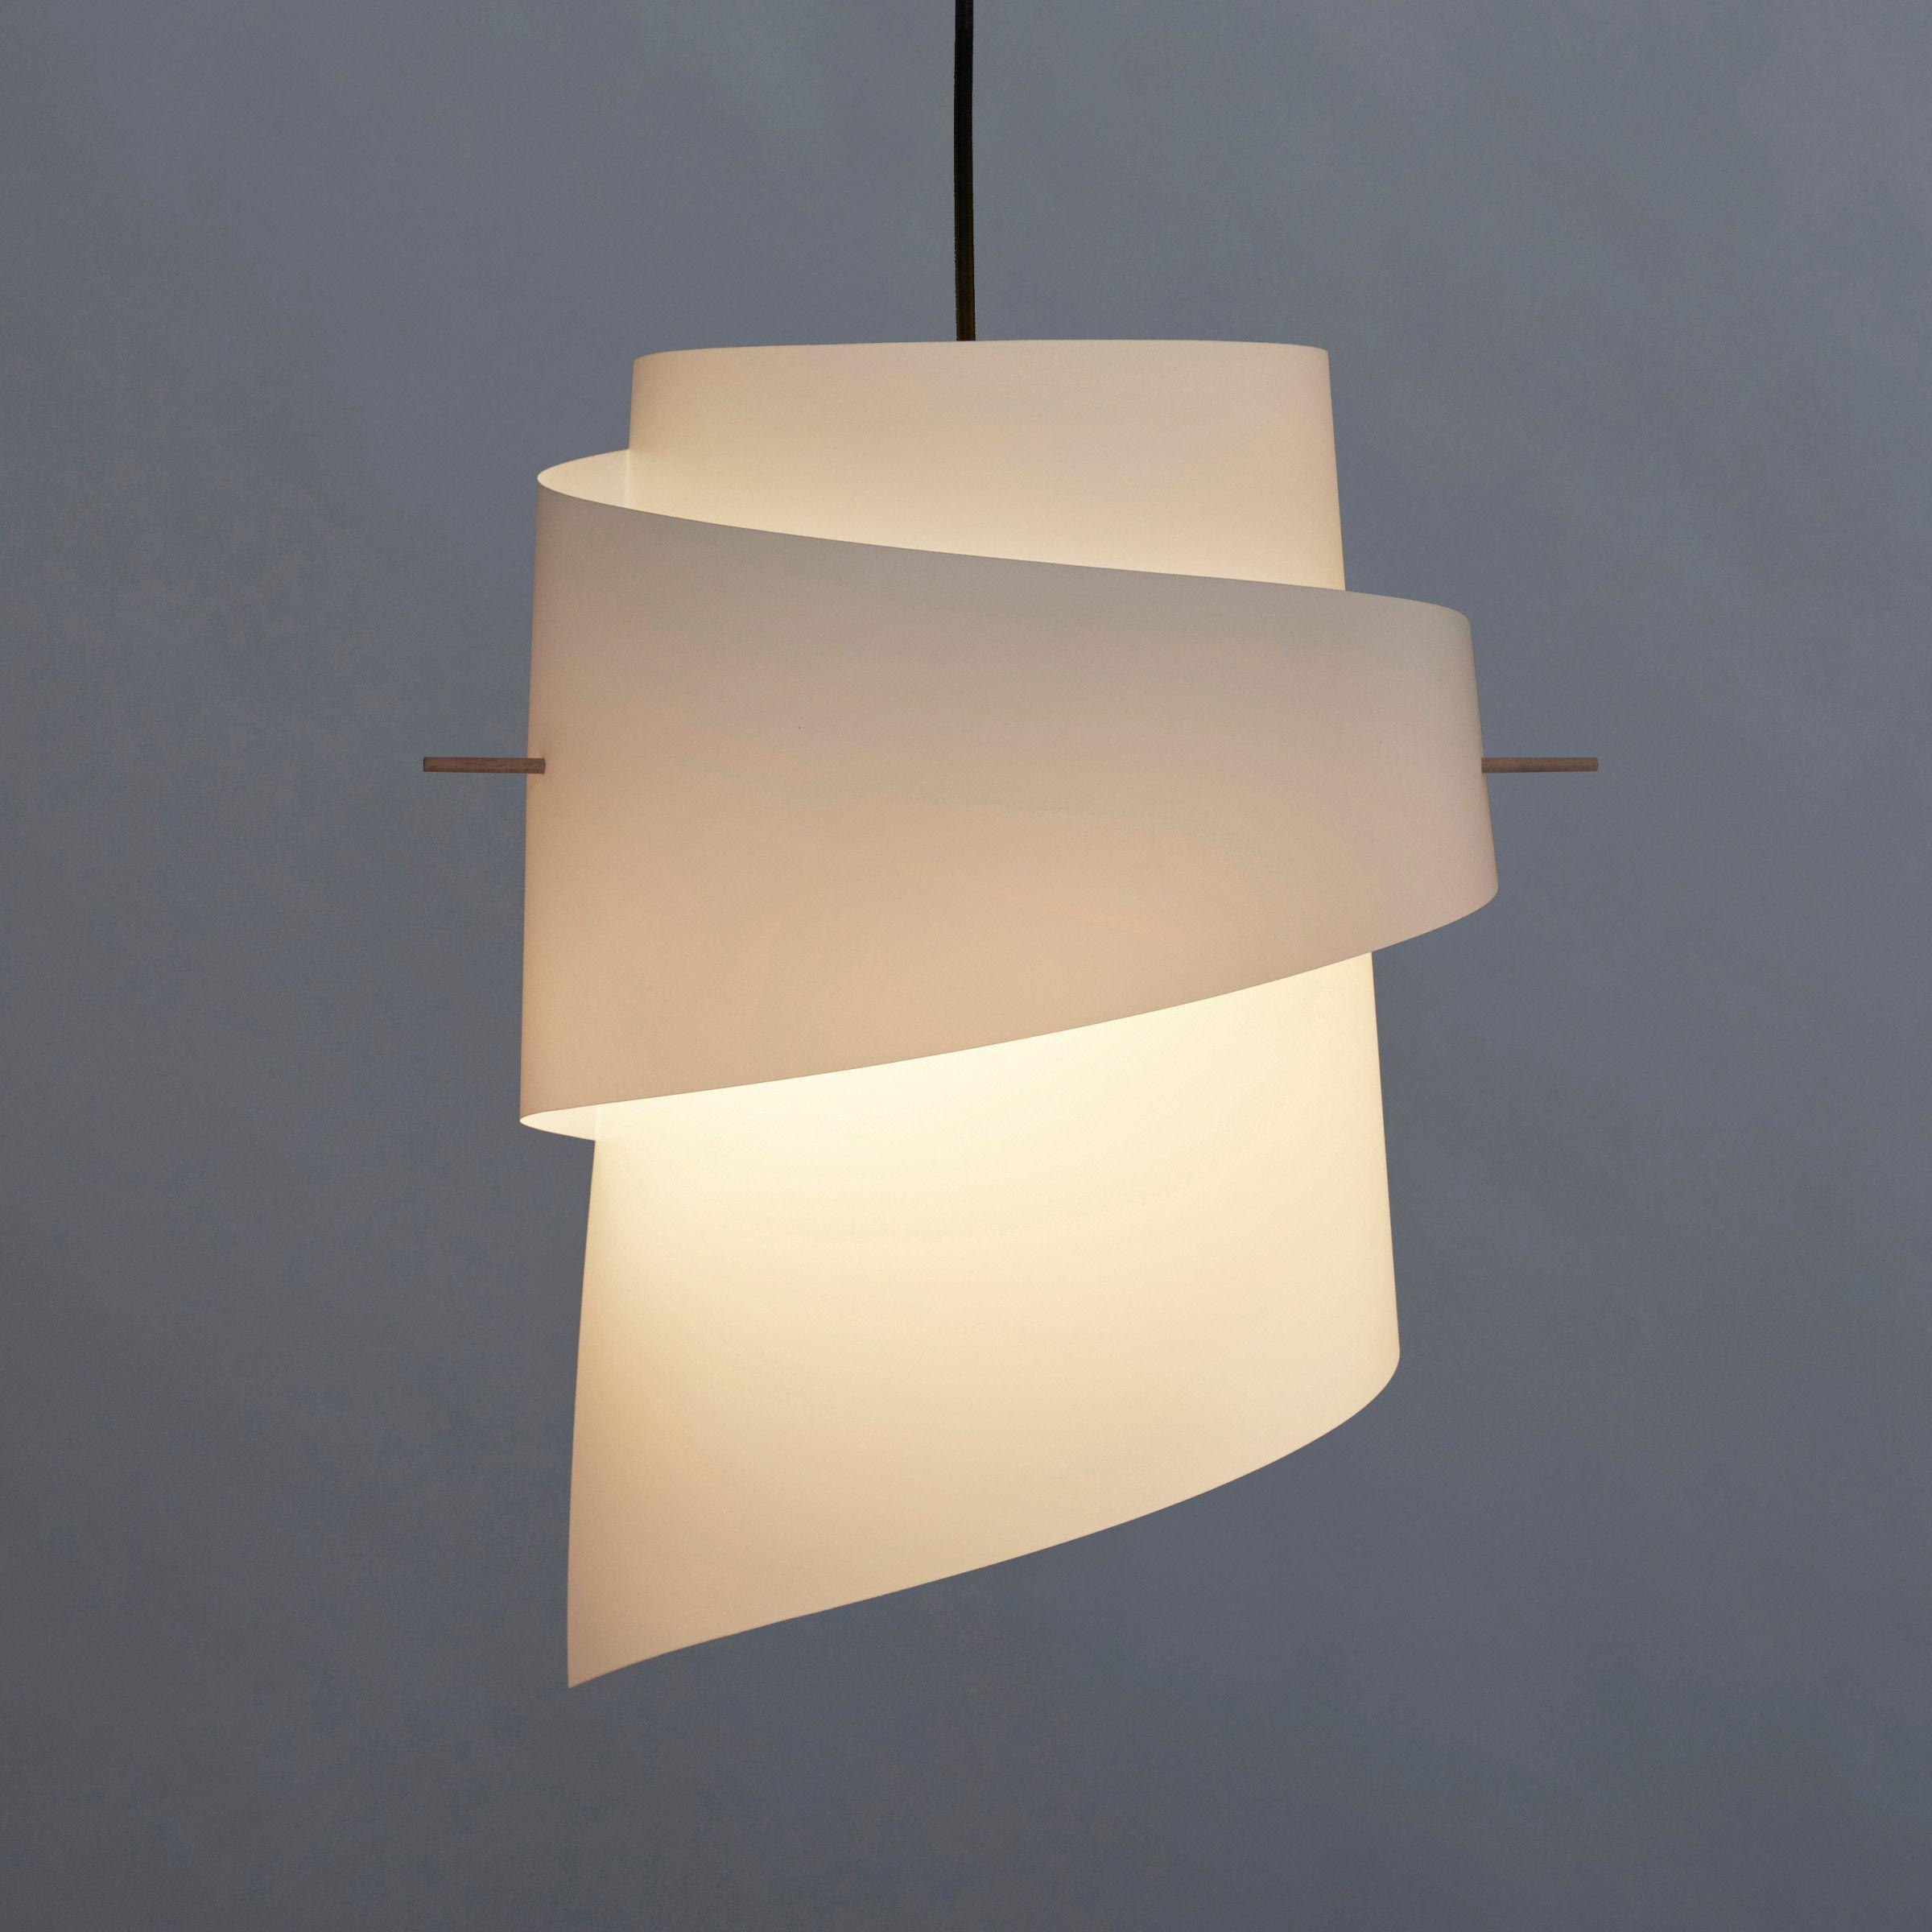 Luci Fai Da Te handmade ml01 lamp large plastic white by moijn // noorverk